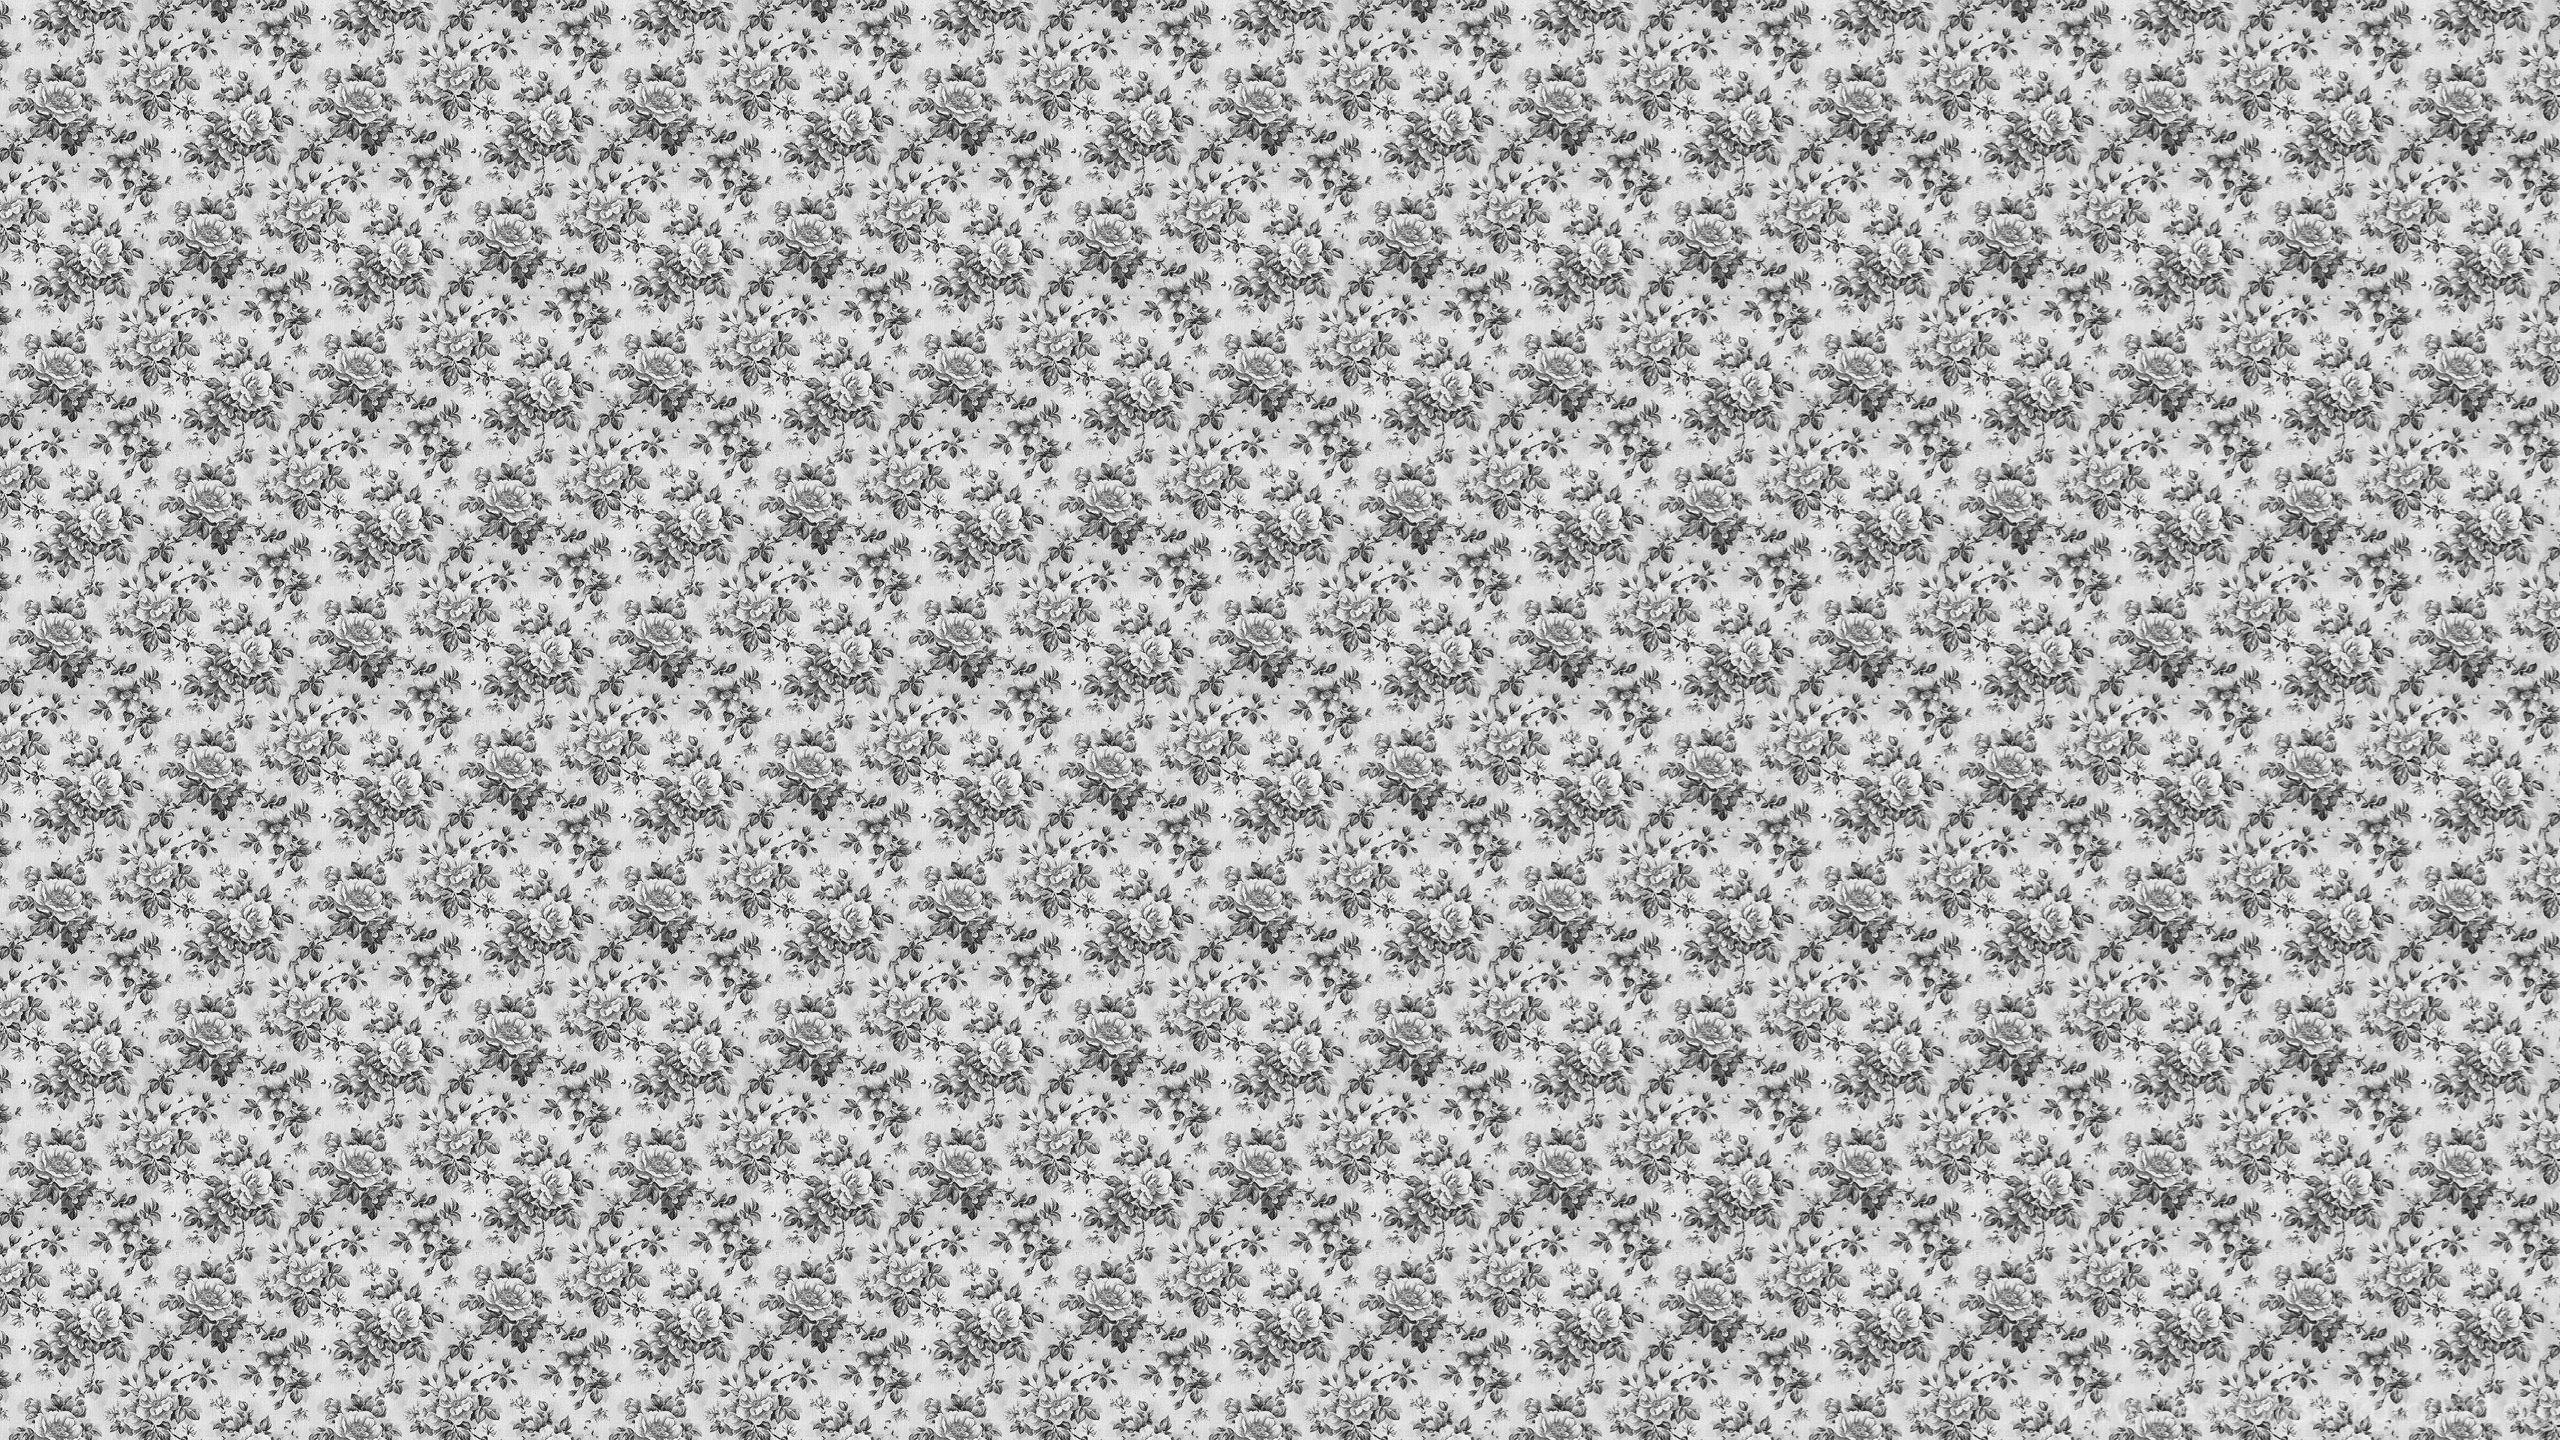 Gray Vintage Floral Desktop Wallpapers Desktop Background